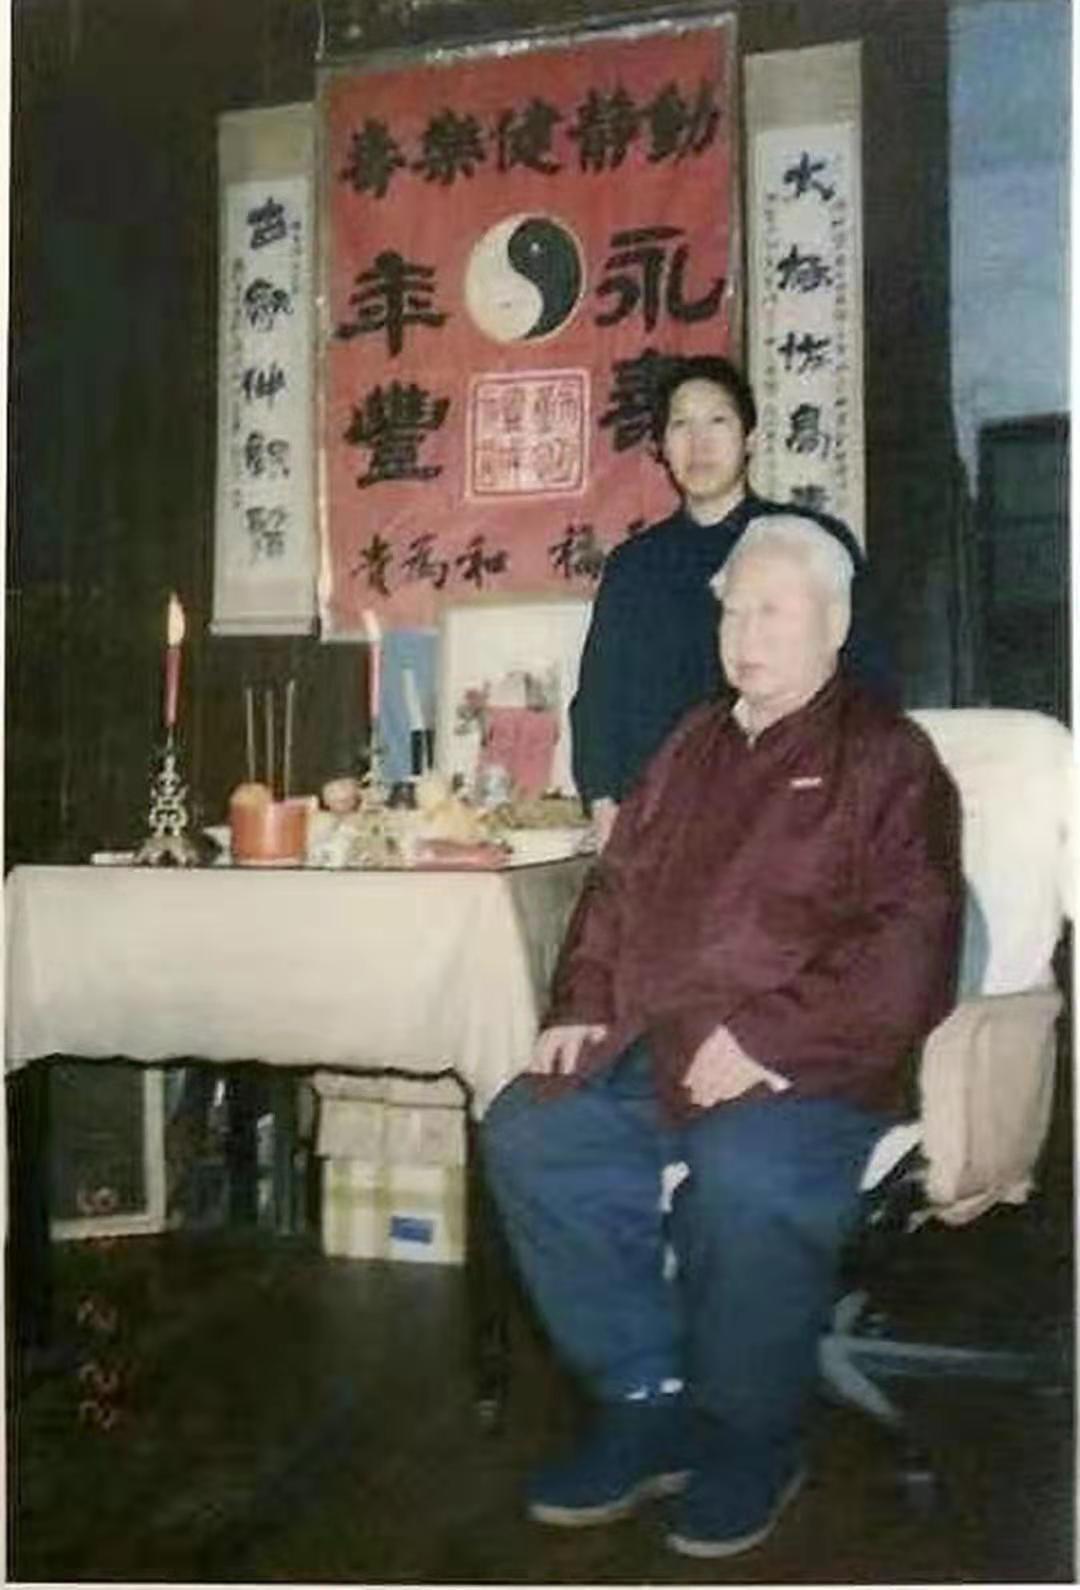 楊式太極拳第五代傳人楊俊義,秉承師訓,緬懷恩師傅鍾文117周年誕辰。